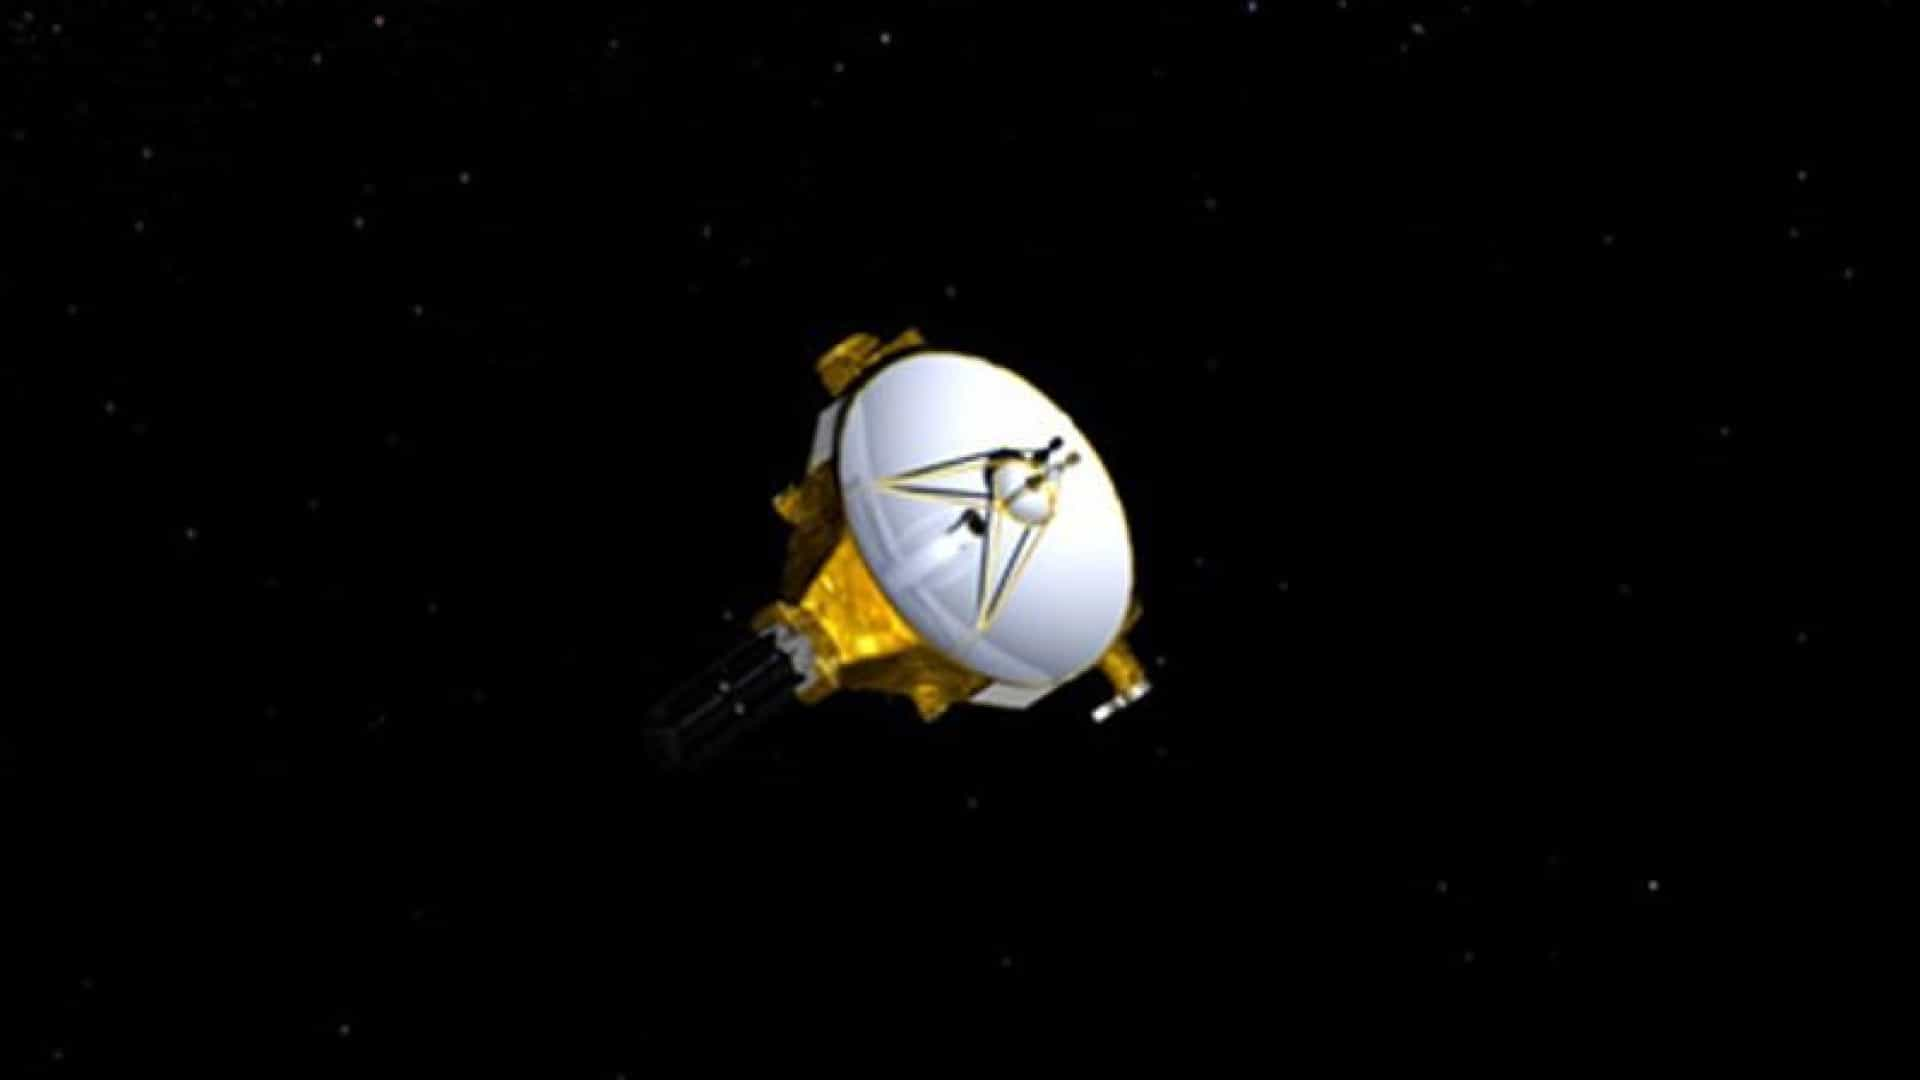 Sonda espacial da NASA sobrevoou objeto mais distante da Terra